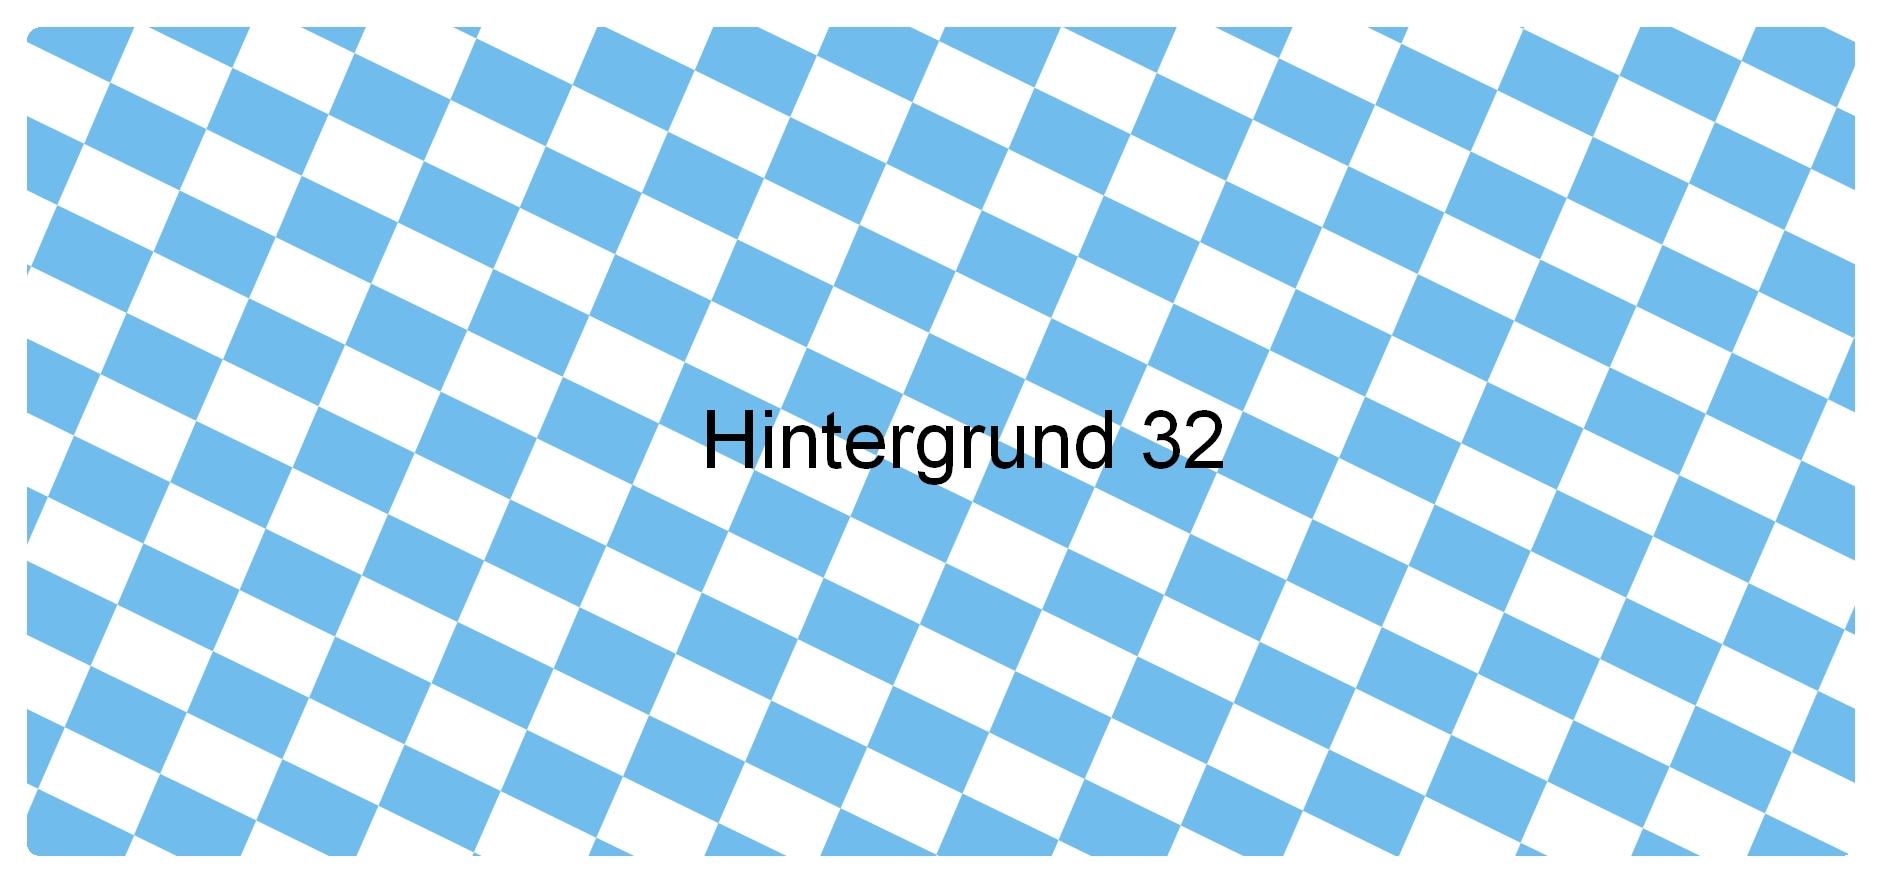 Hintergrund 32